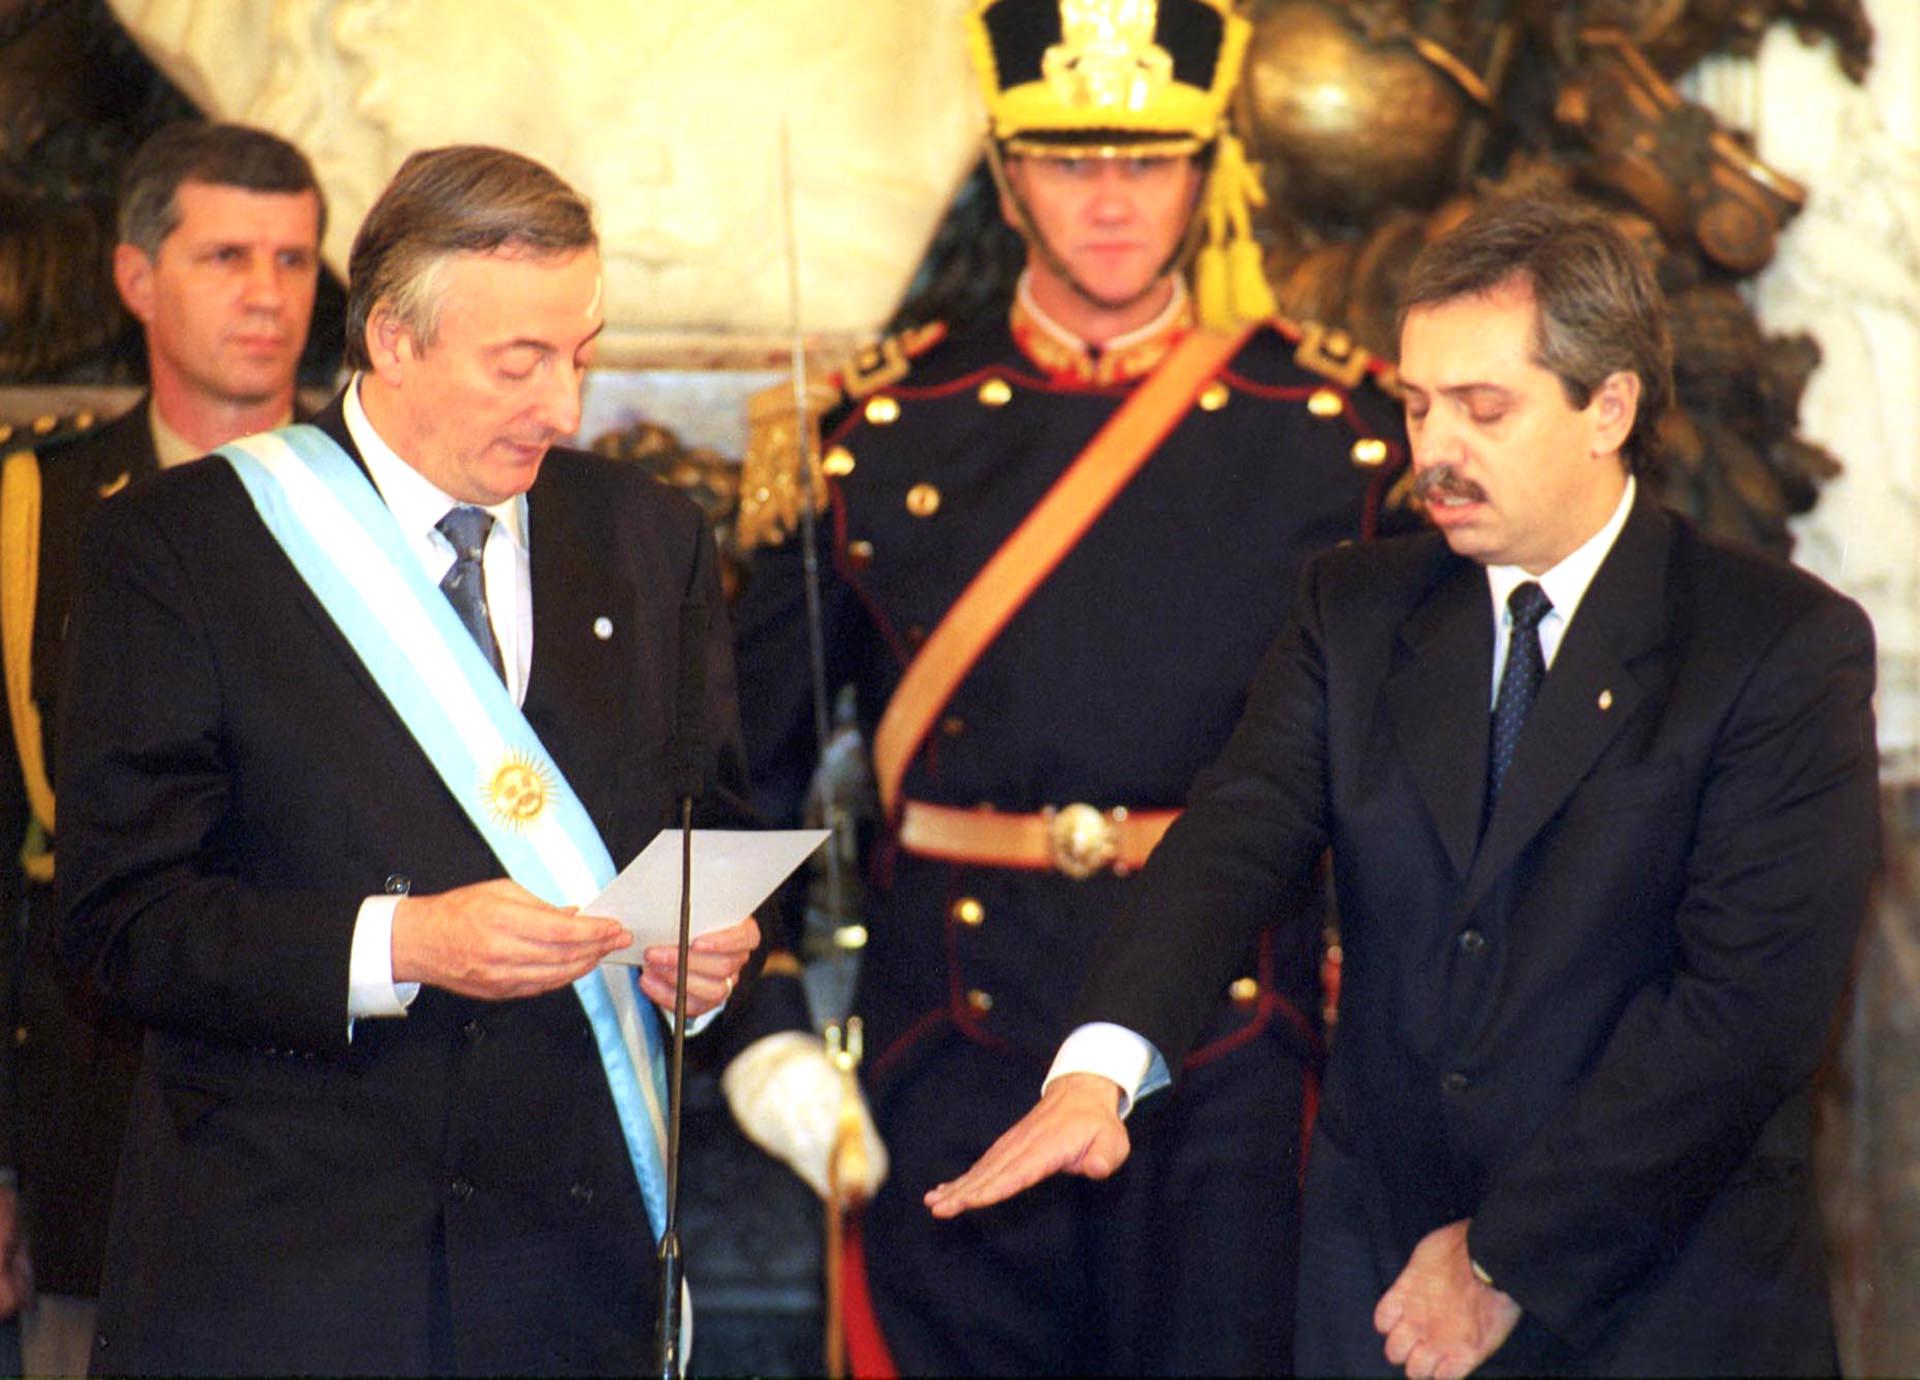 Asumió su cargo como Jefe de Gabinete de Ministros en el Ejecutivo Nacional el 25 de mayo de 2003. Su banca en la Legislatura porteña quedó para la polémica actriz Elena Cruz, defensora del dictador Jorge Rafael Videla.